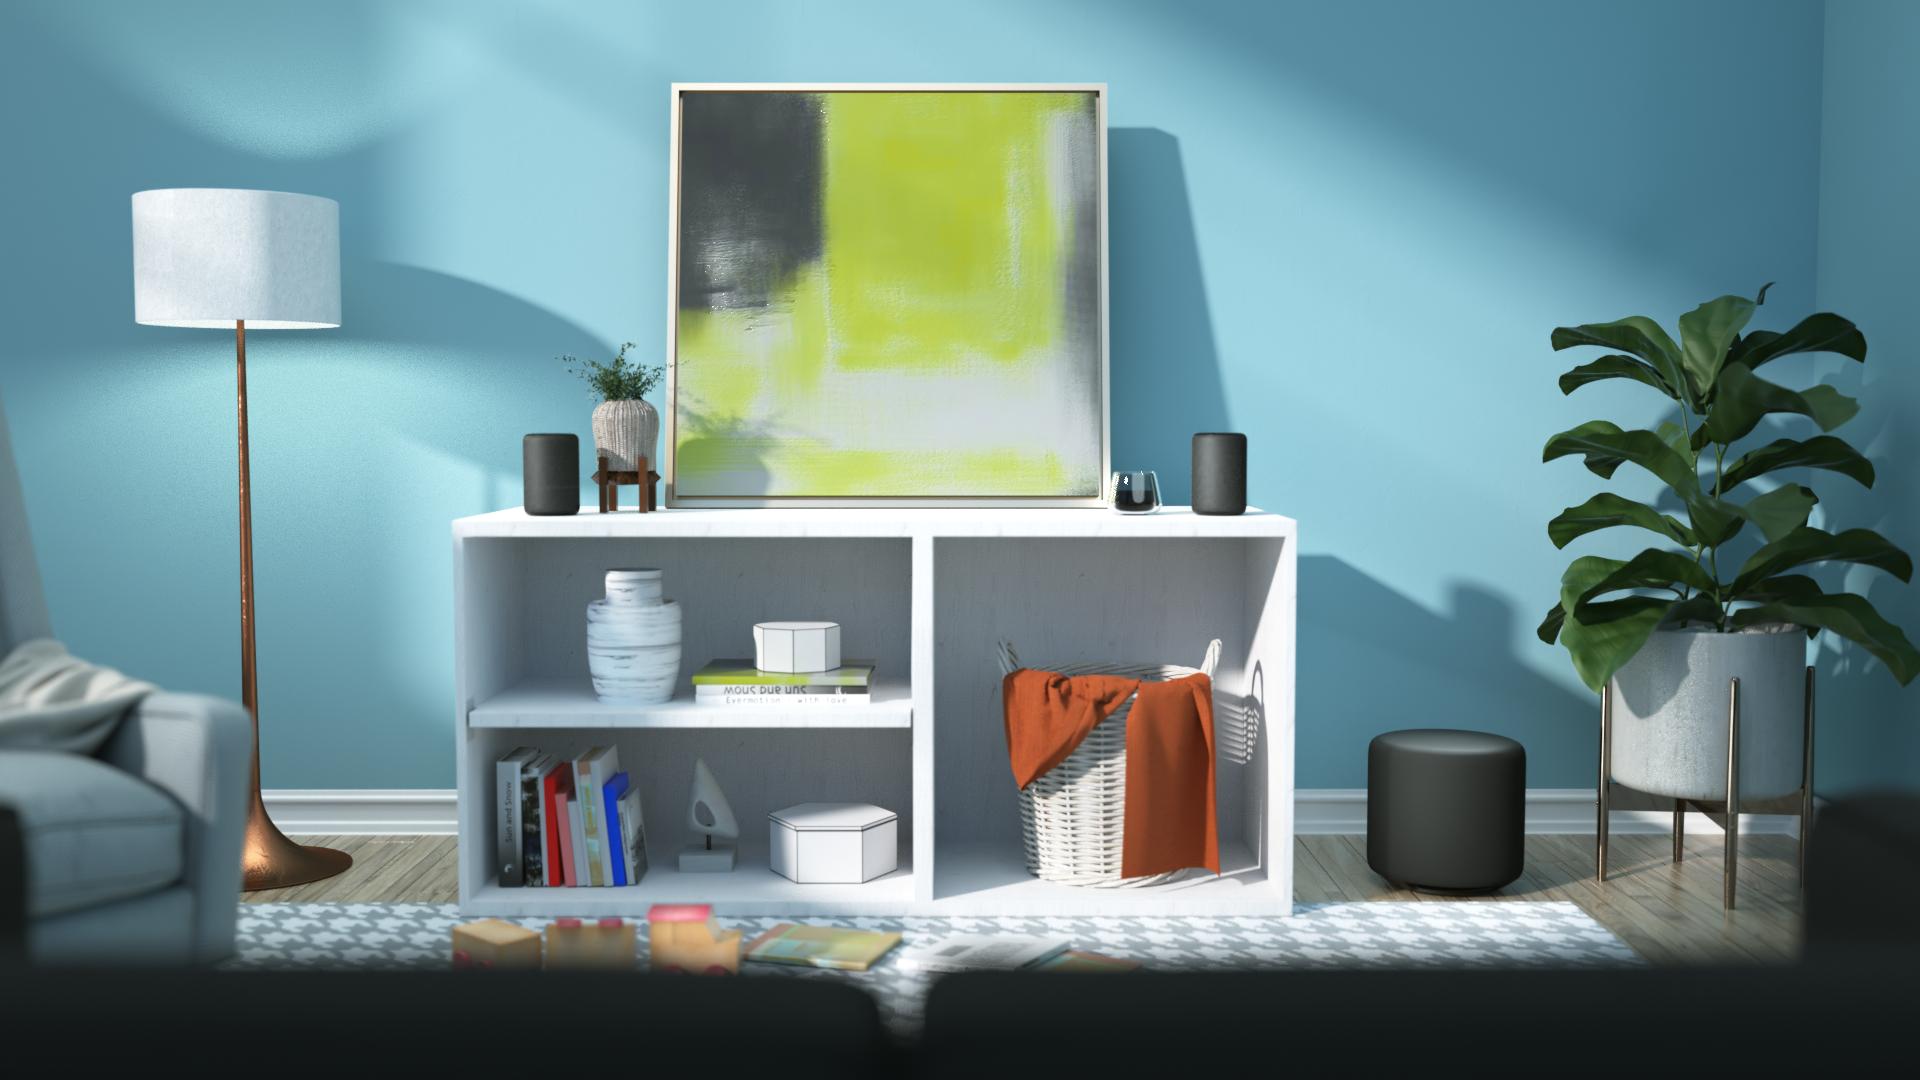 livingroom_02.png